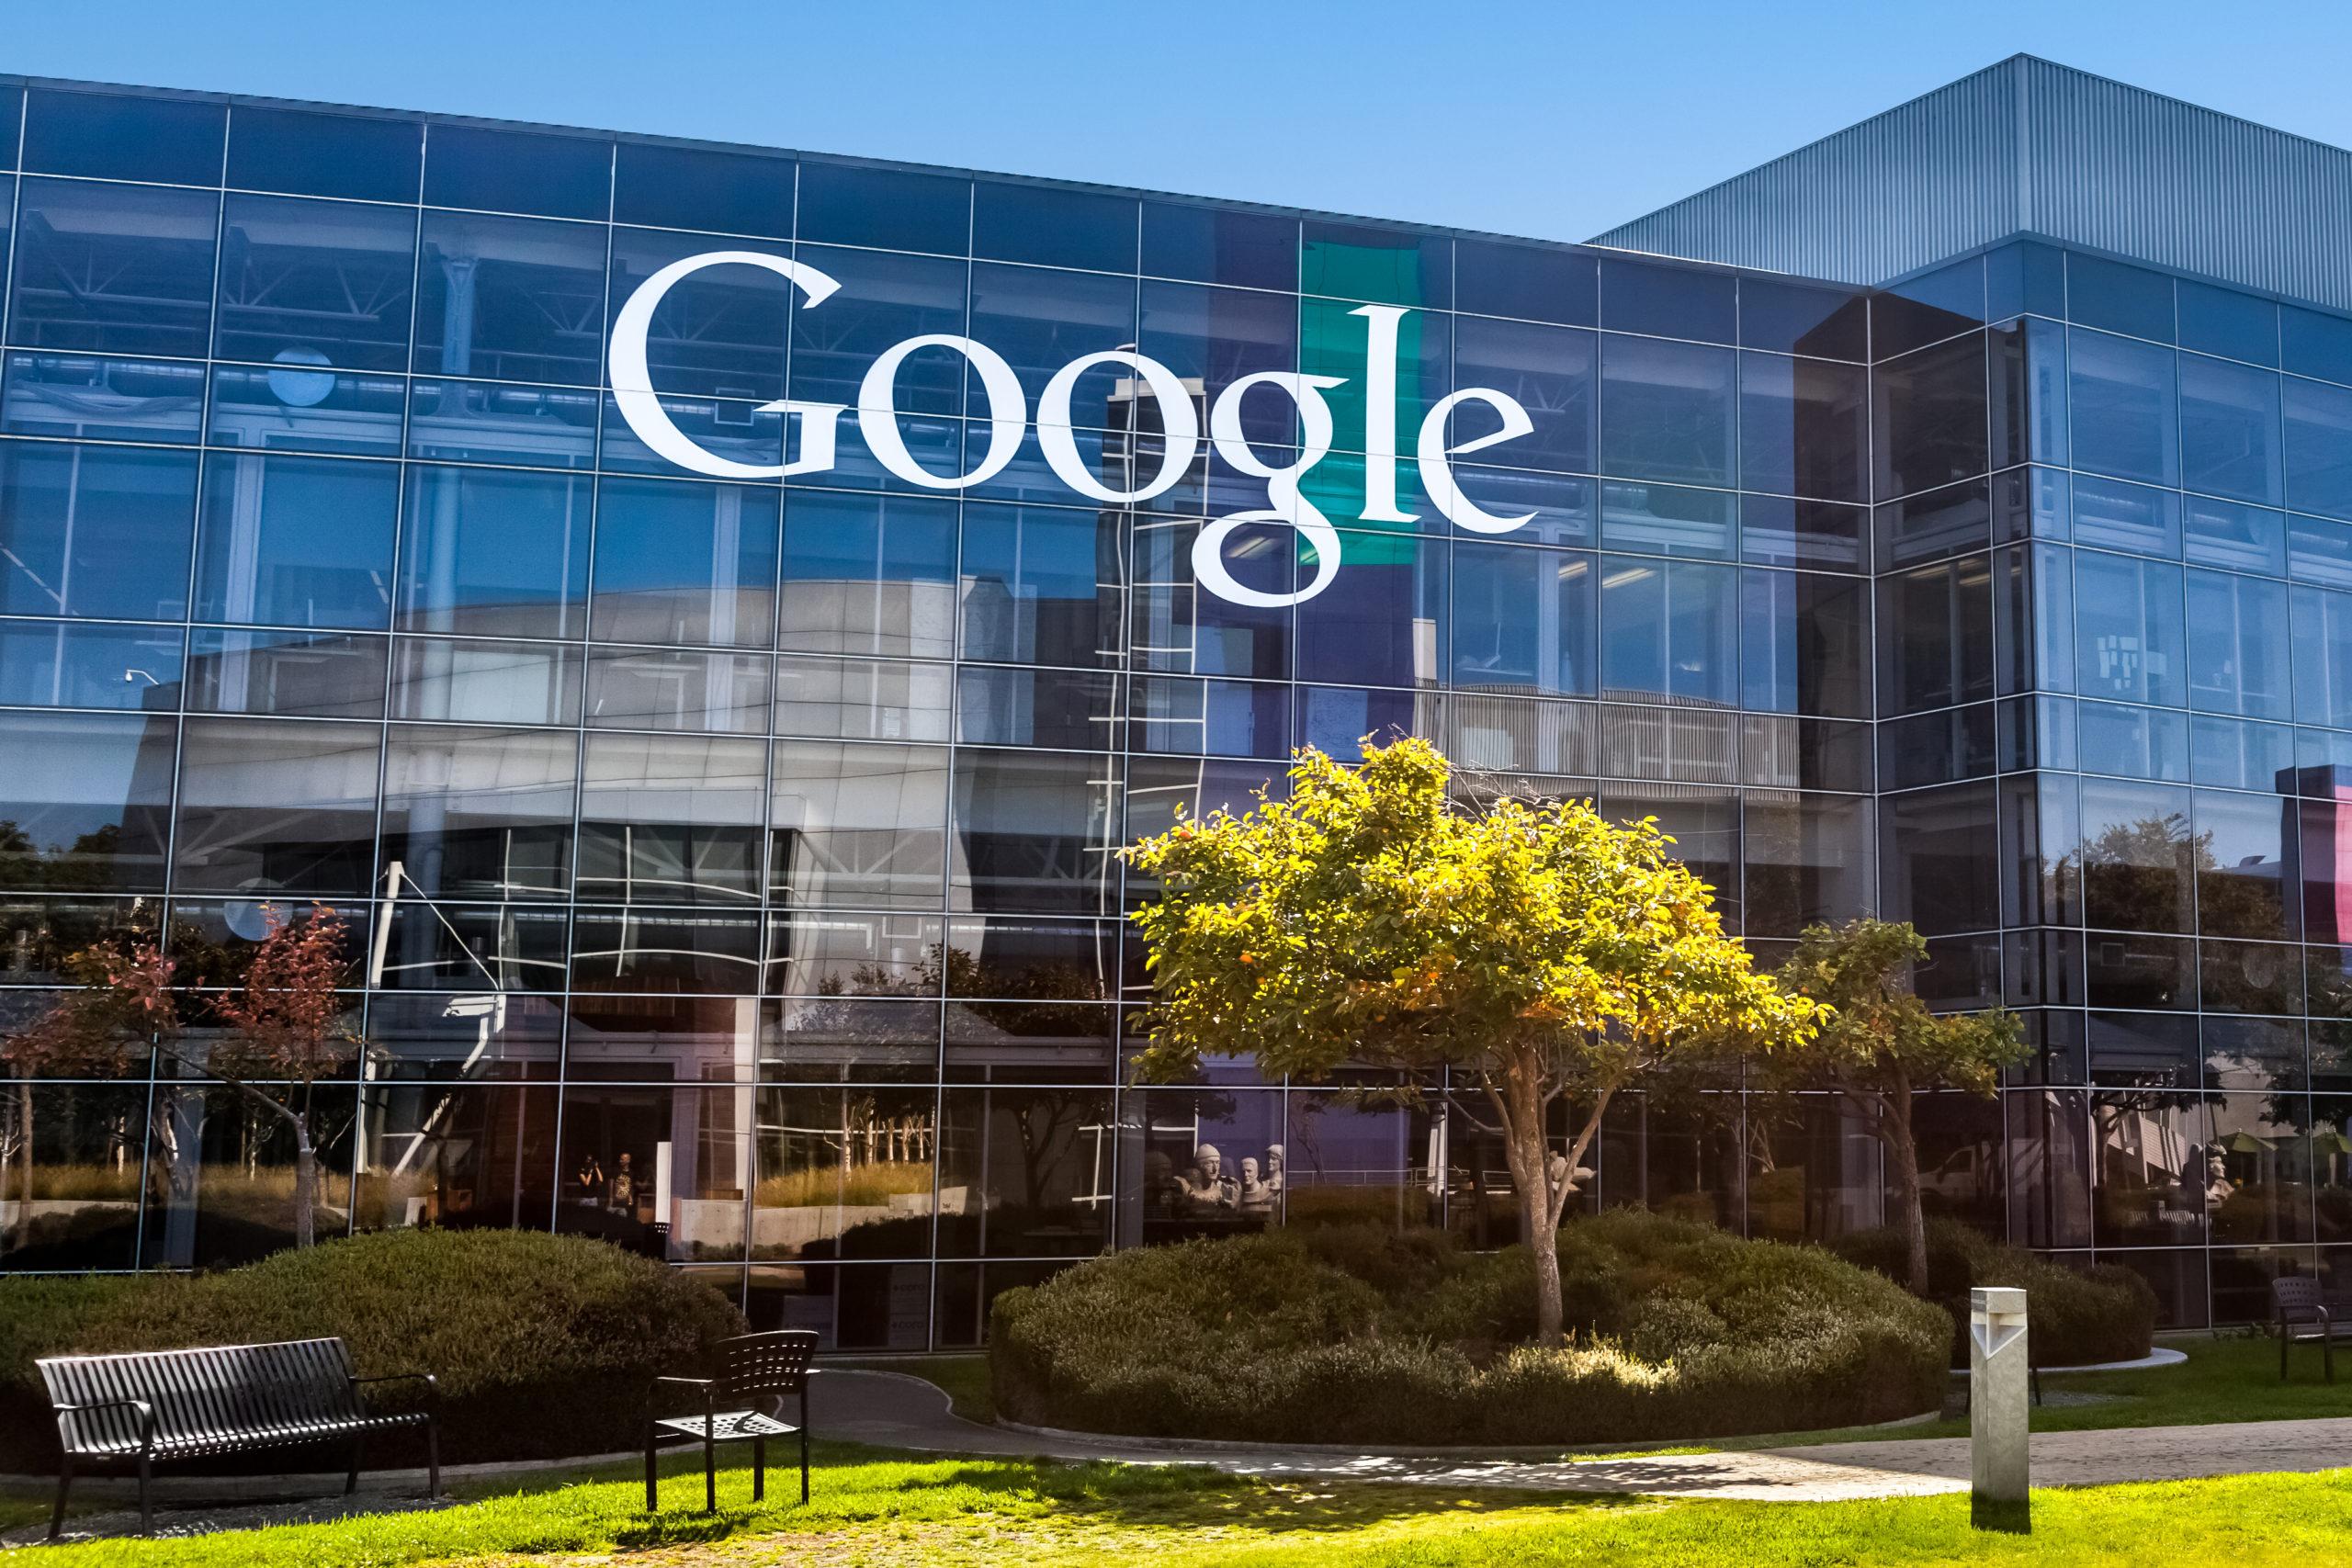 Проект «Bernanke»: Google обвиняется в несправедливом использовании своей собственной рекламы